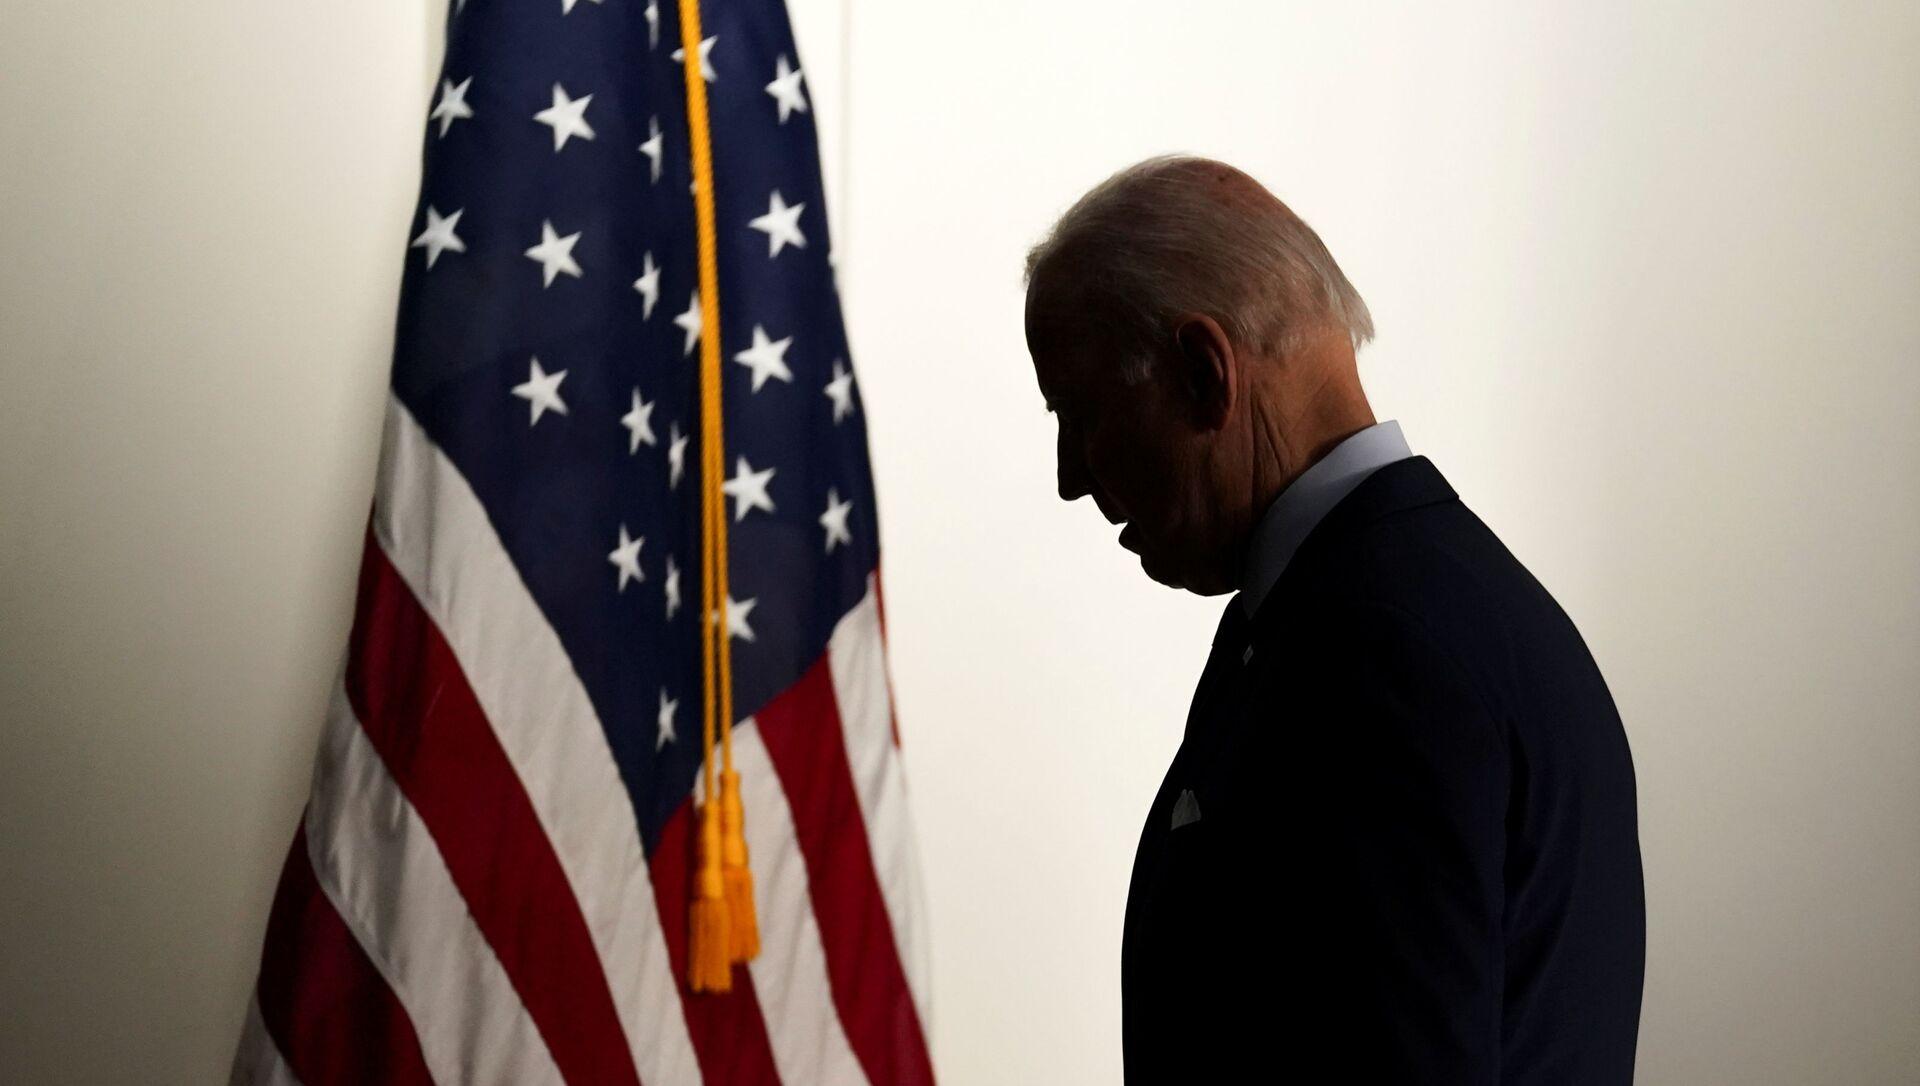 Le président américain Joe Biden quitte la salle après avoir parlé de l'emploi et de l'économie à la Maison Blanche à Washington, États-Unis, le 7 avril 2021. REUTERS/Kevin Lamarque - Sputnik France, 1920, 12.08.2021